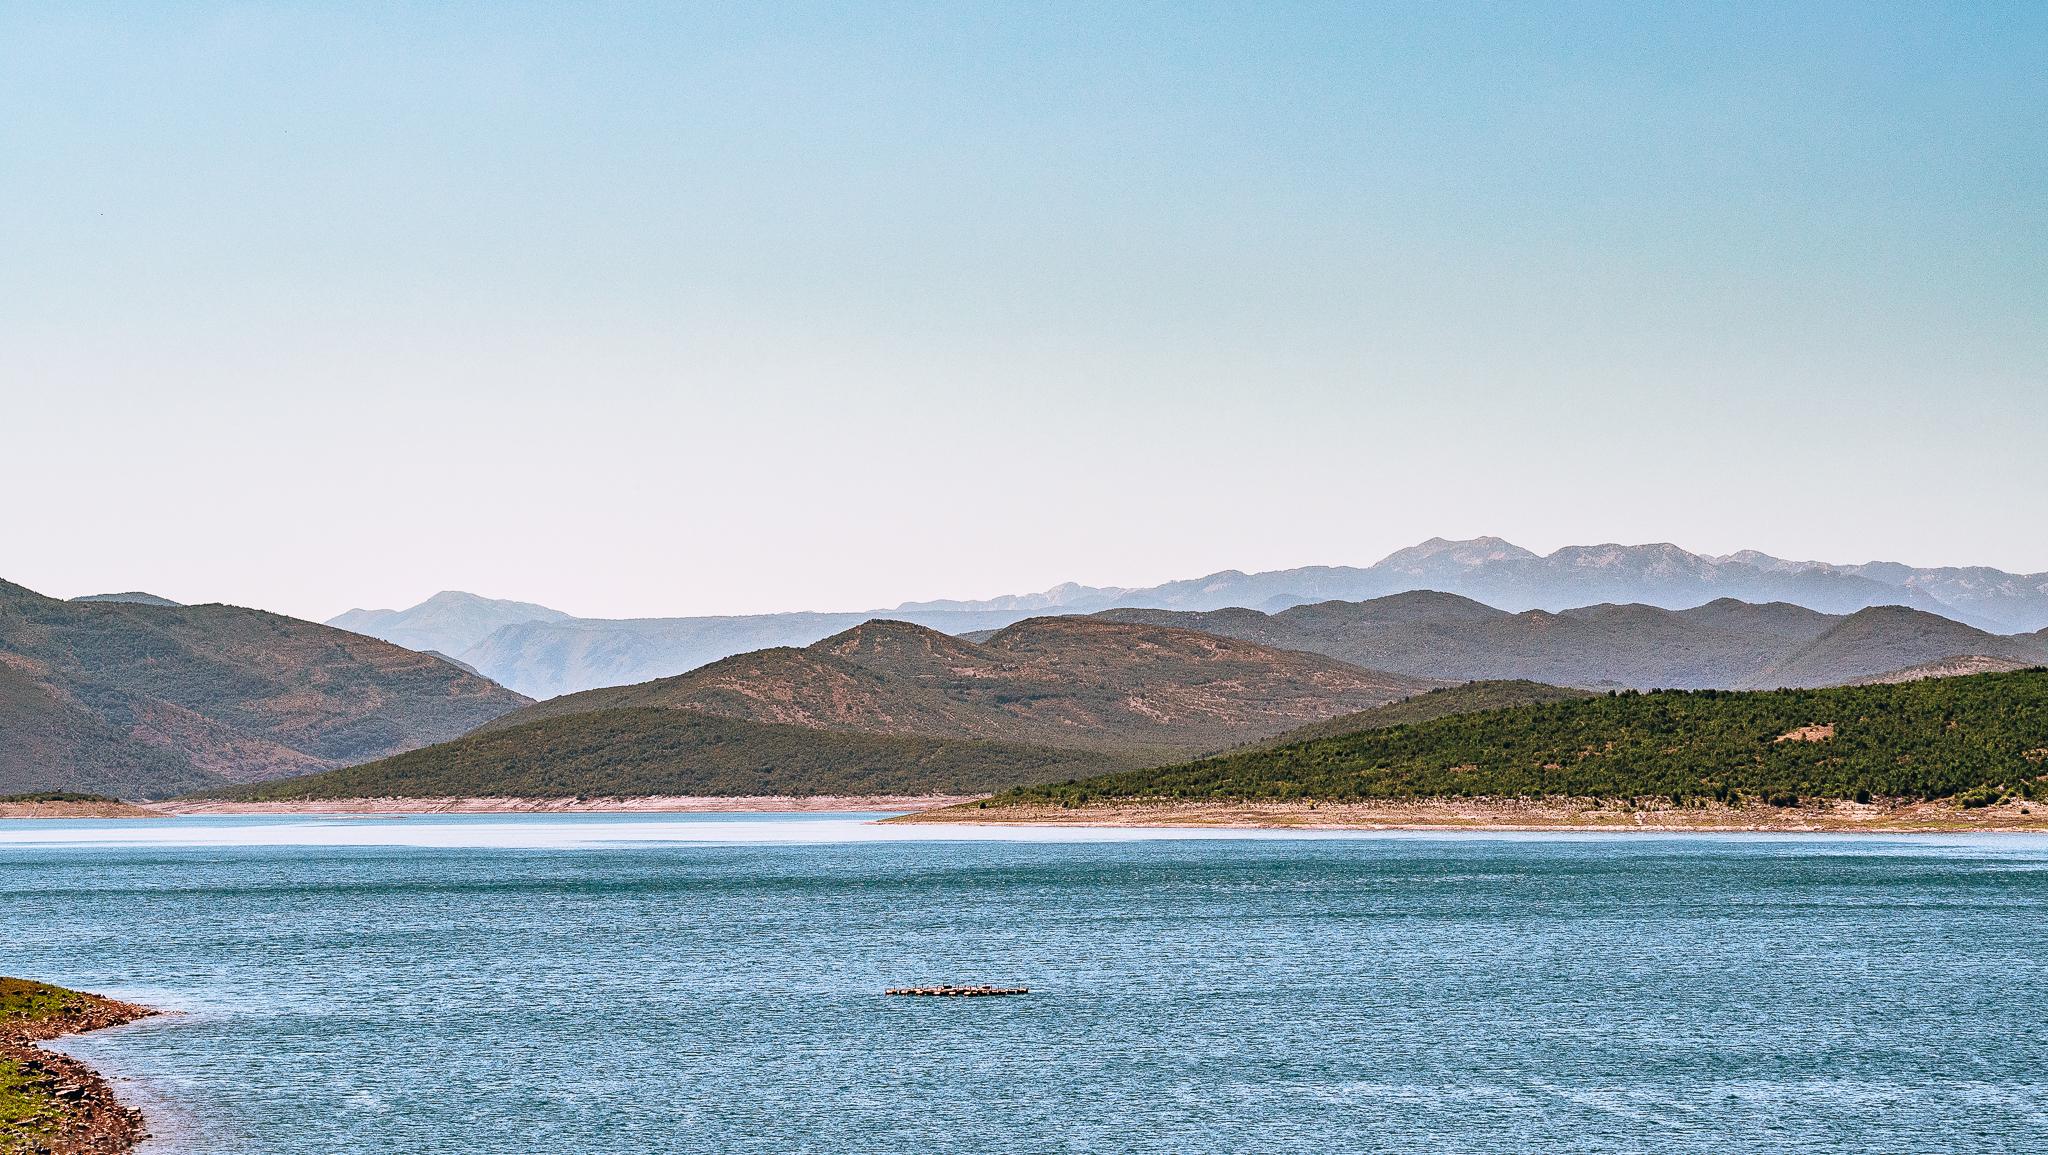 Bilecko Lake